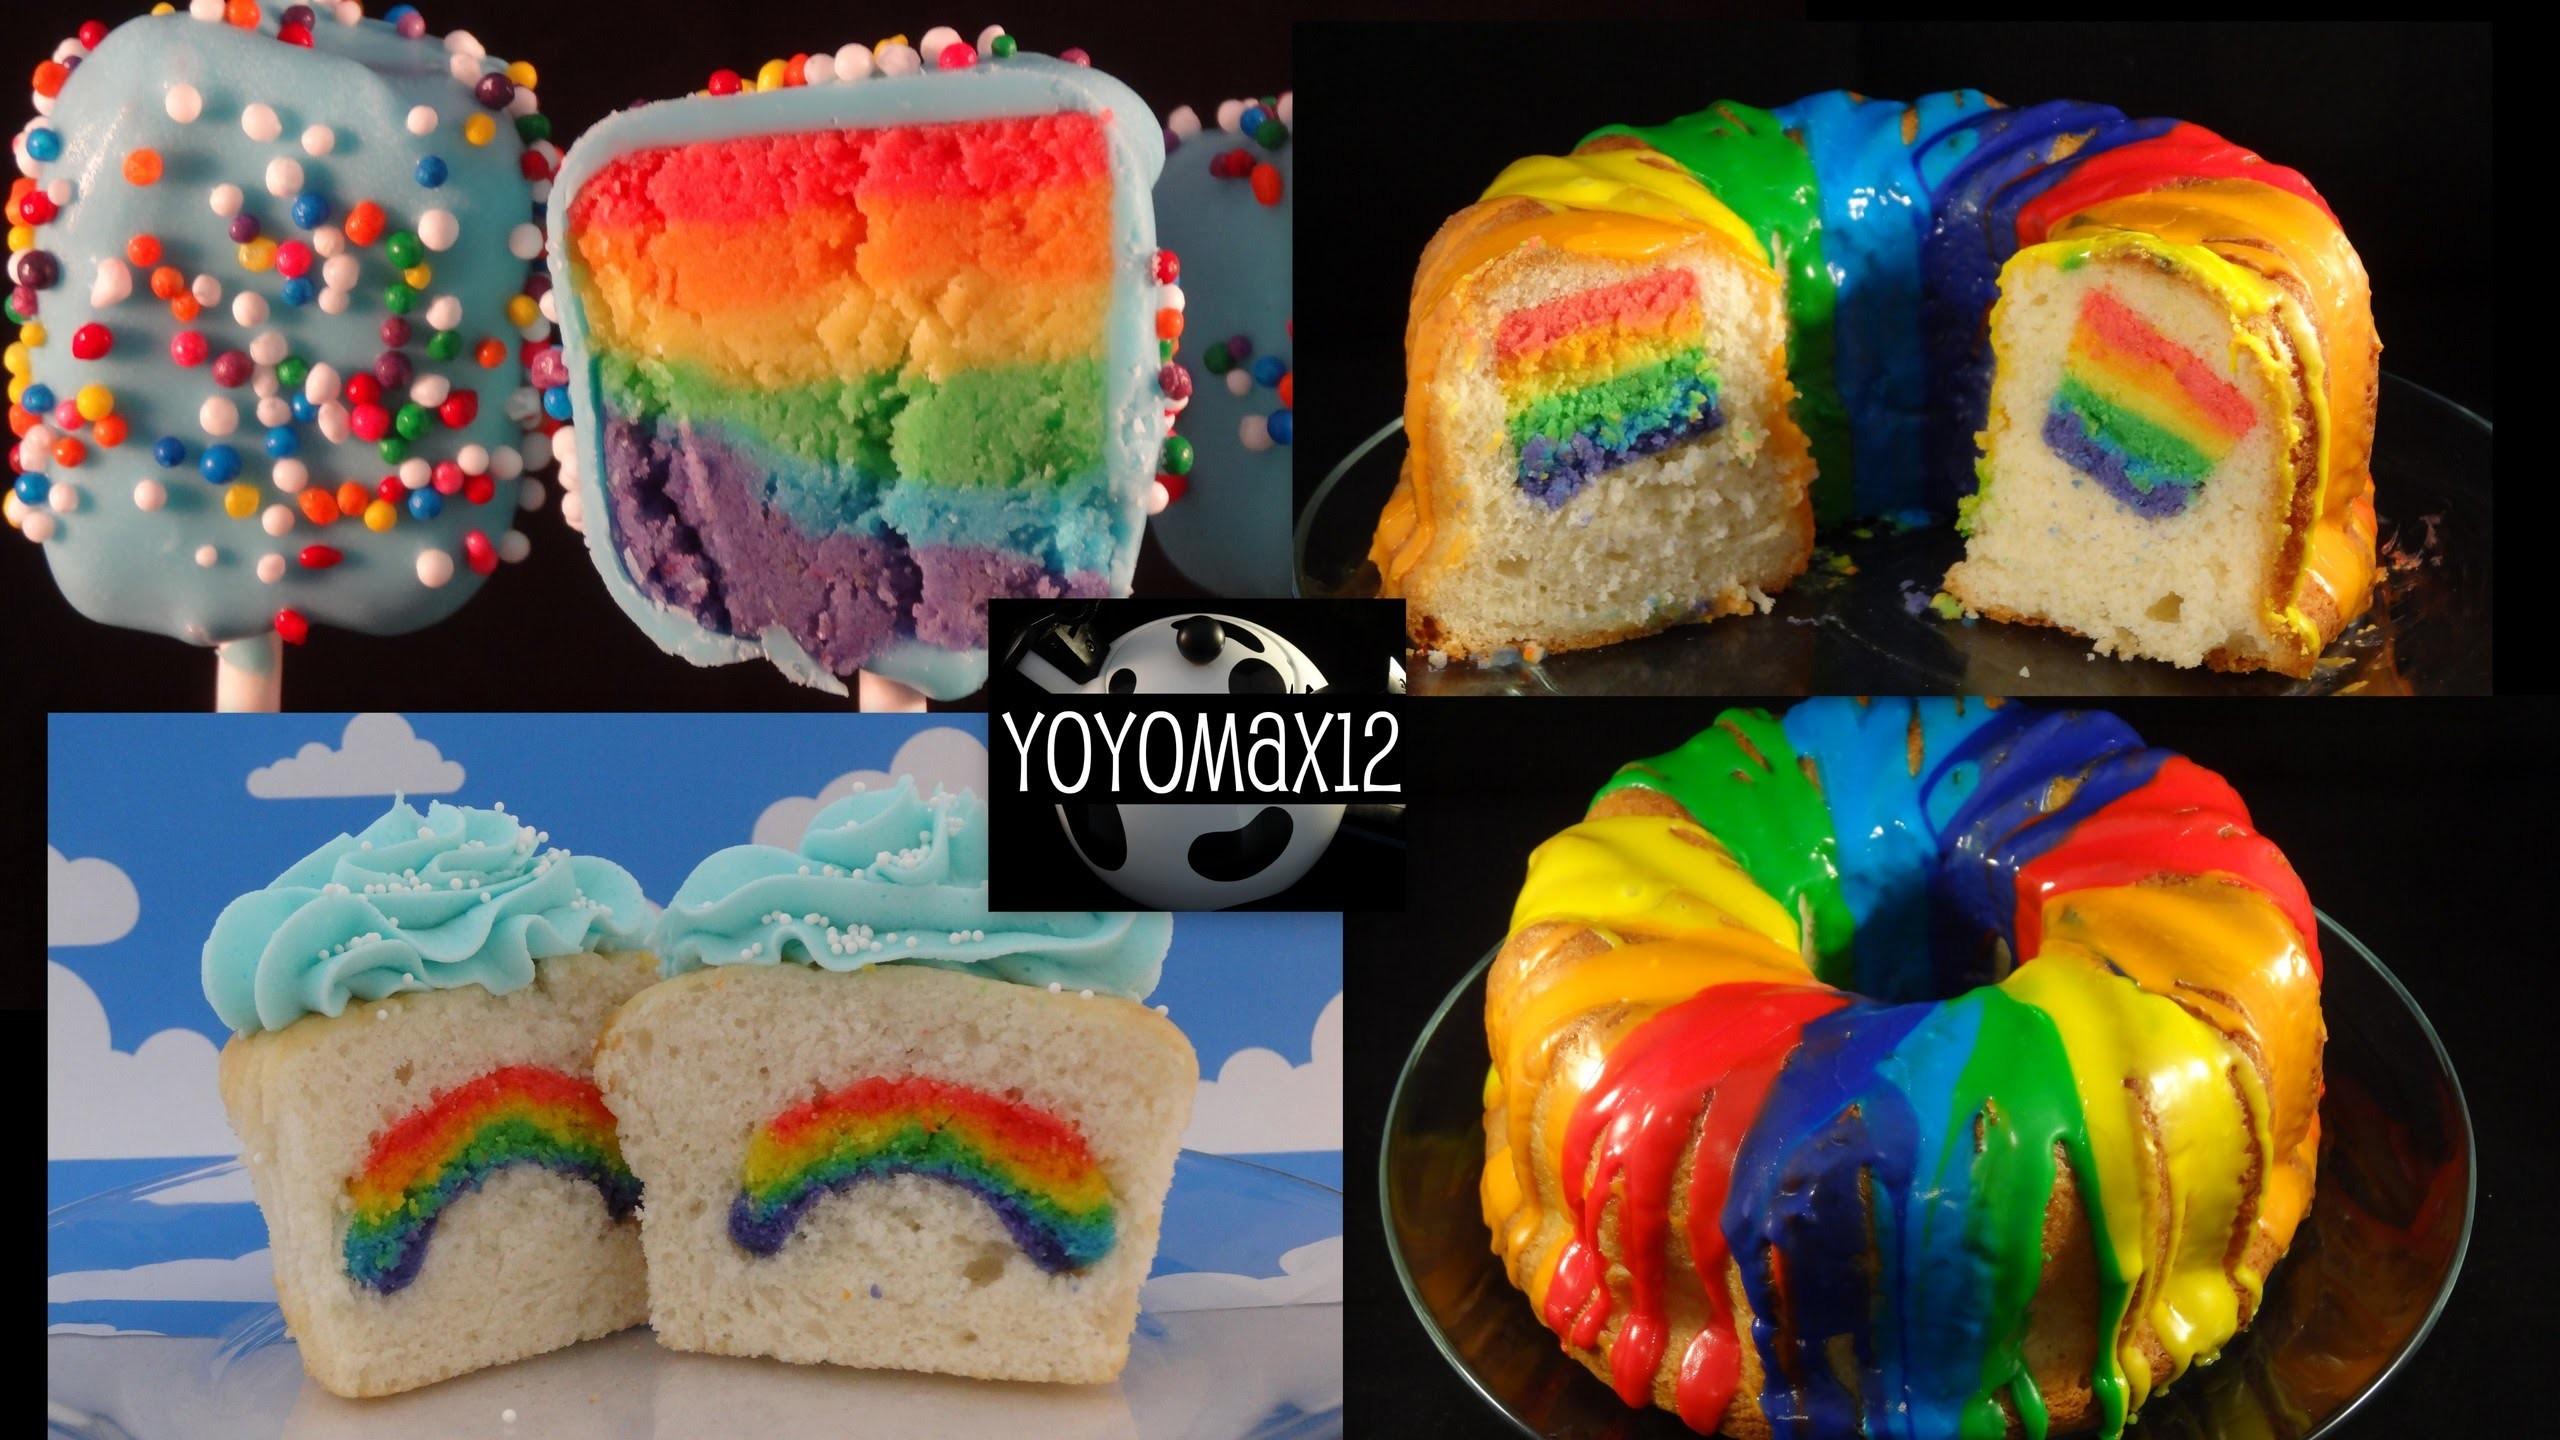 Rainbow Inside Cakes! Poundcake, Cupcakes, Cakepops -with yoyomax12